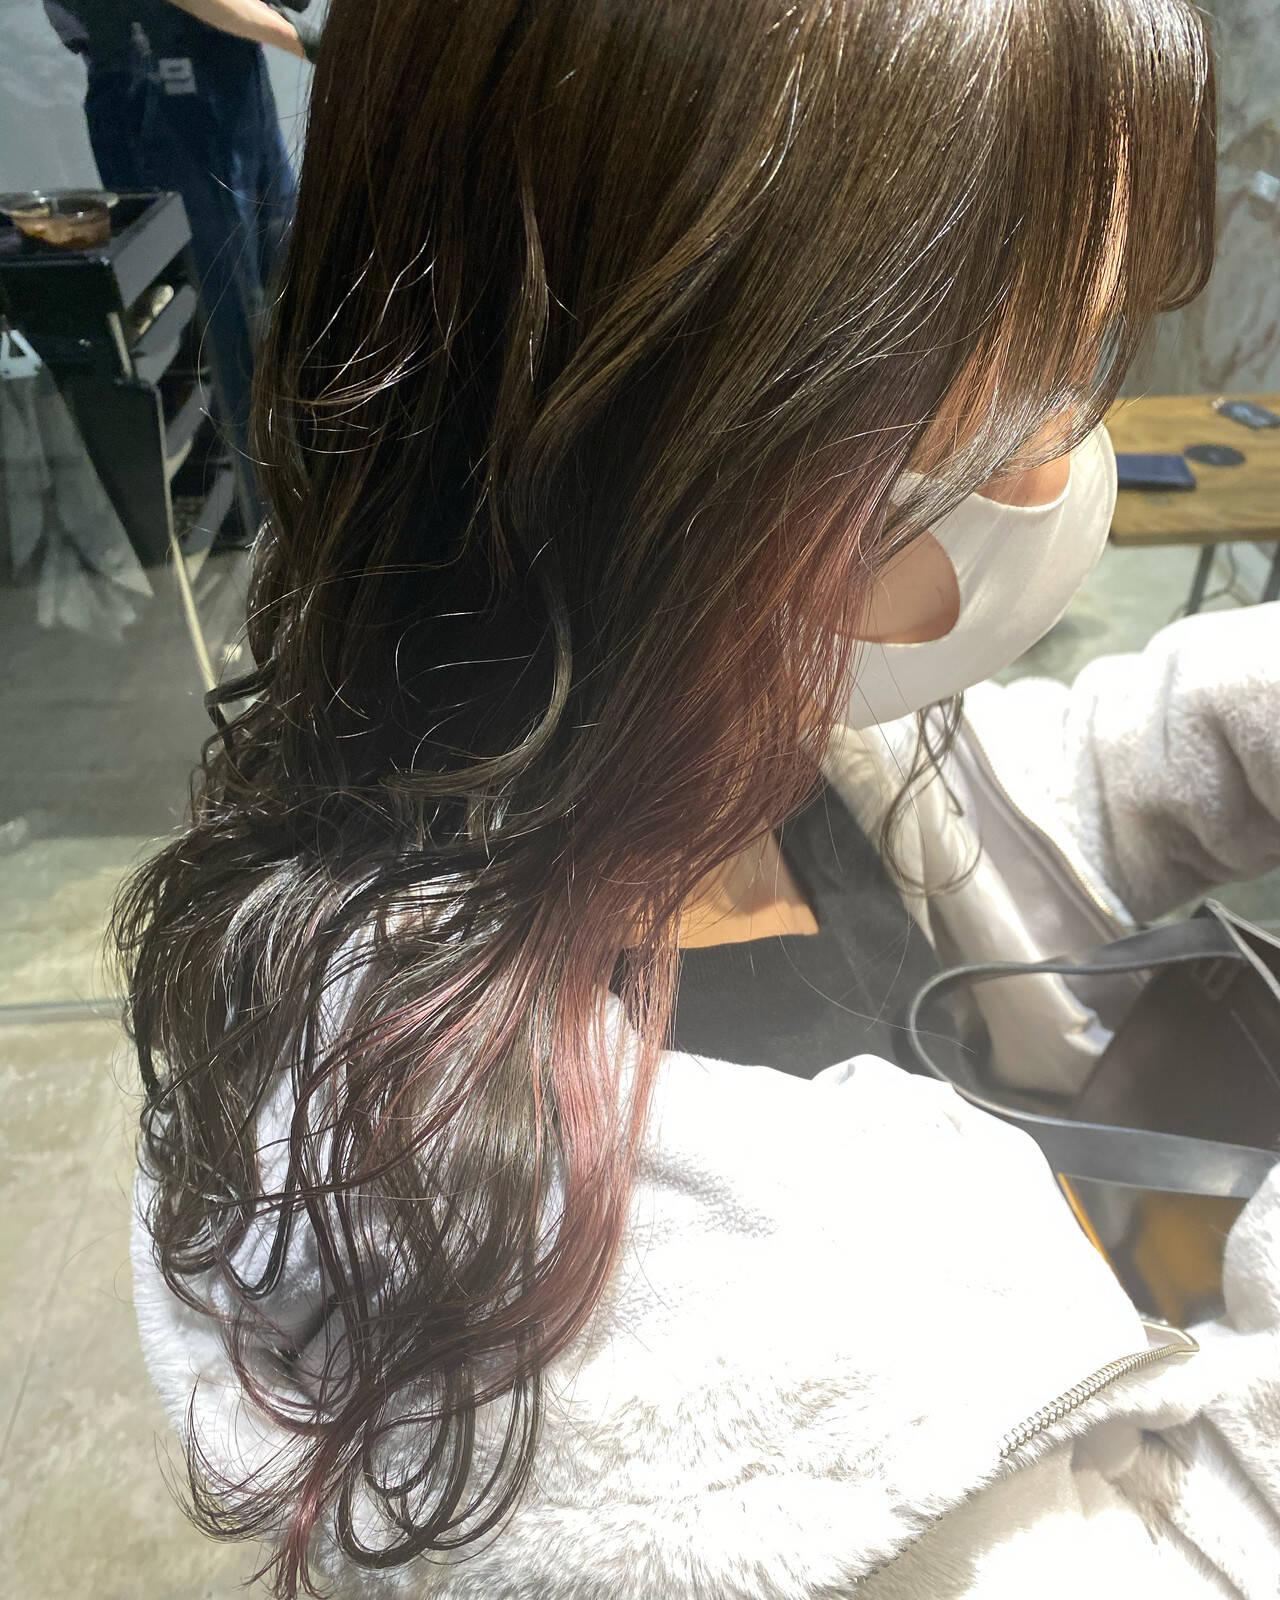 インナーカラー ショコラブラウン ロング シルバーアッシュヘアスタイルや髪型の写真・画像